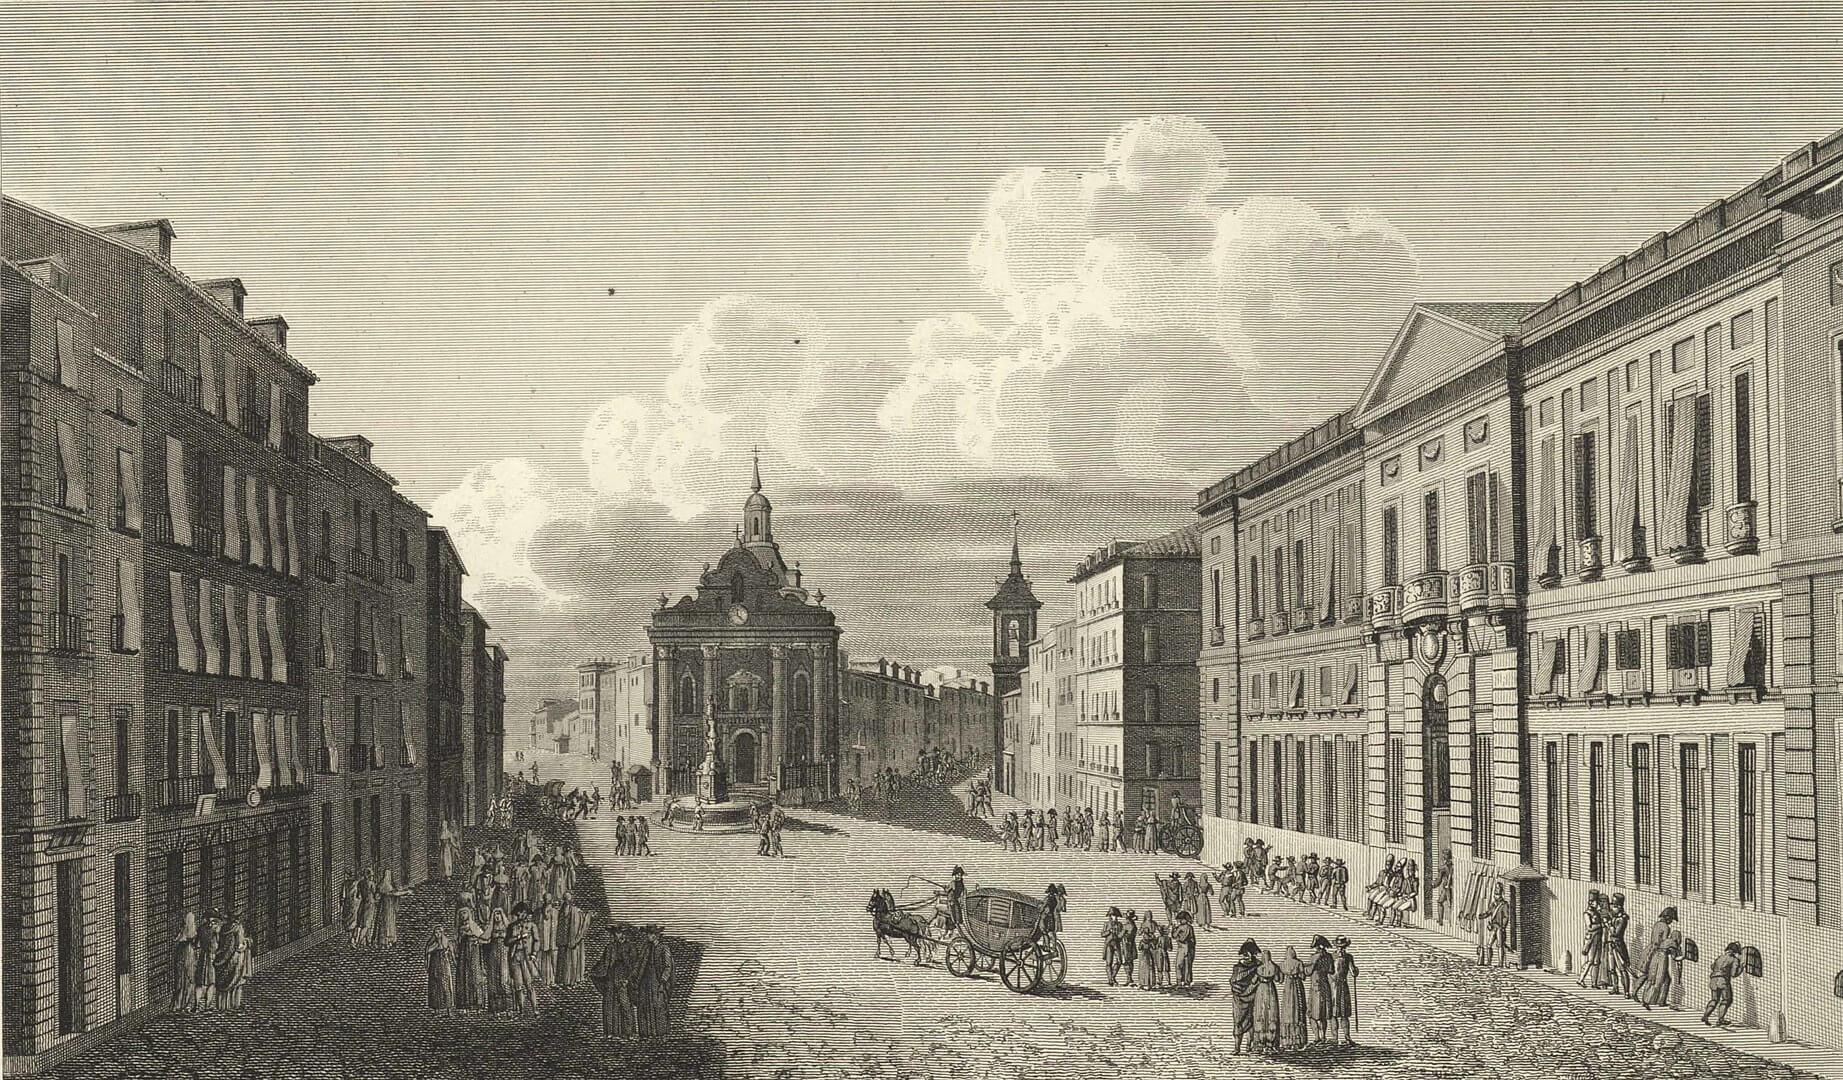 Puerta del Sol comienzos del siglo XIX